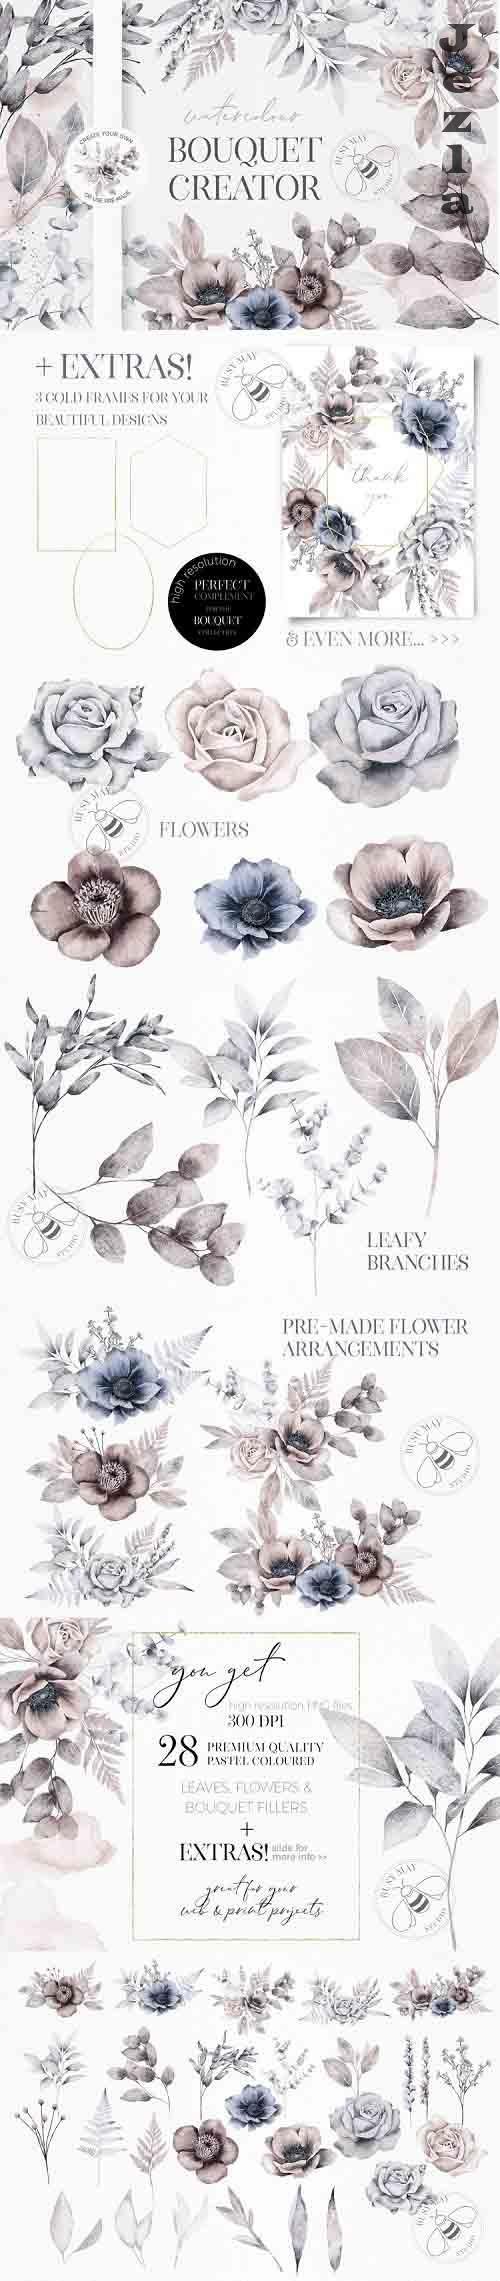 Watercolor Bouquet Flower Arrangement Wedding Creator Unique - 1049527